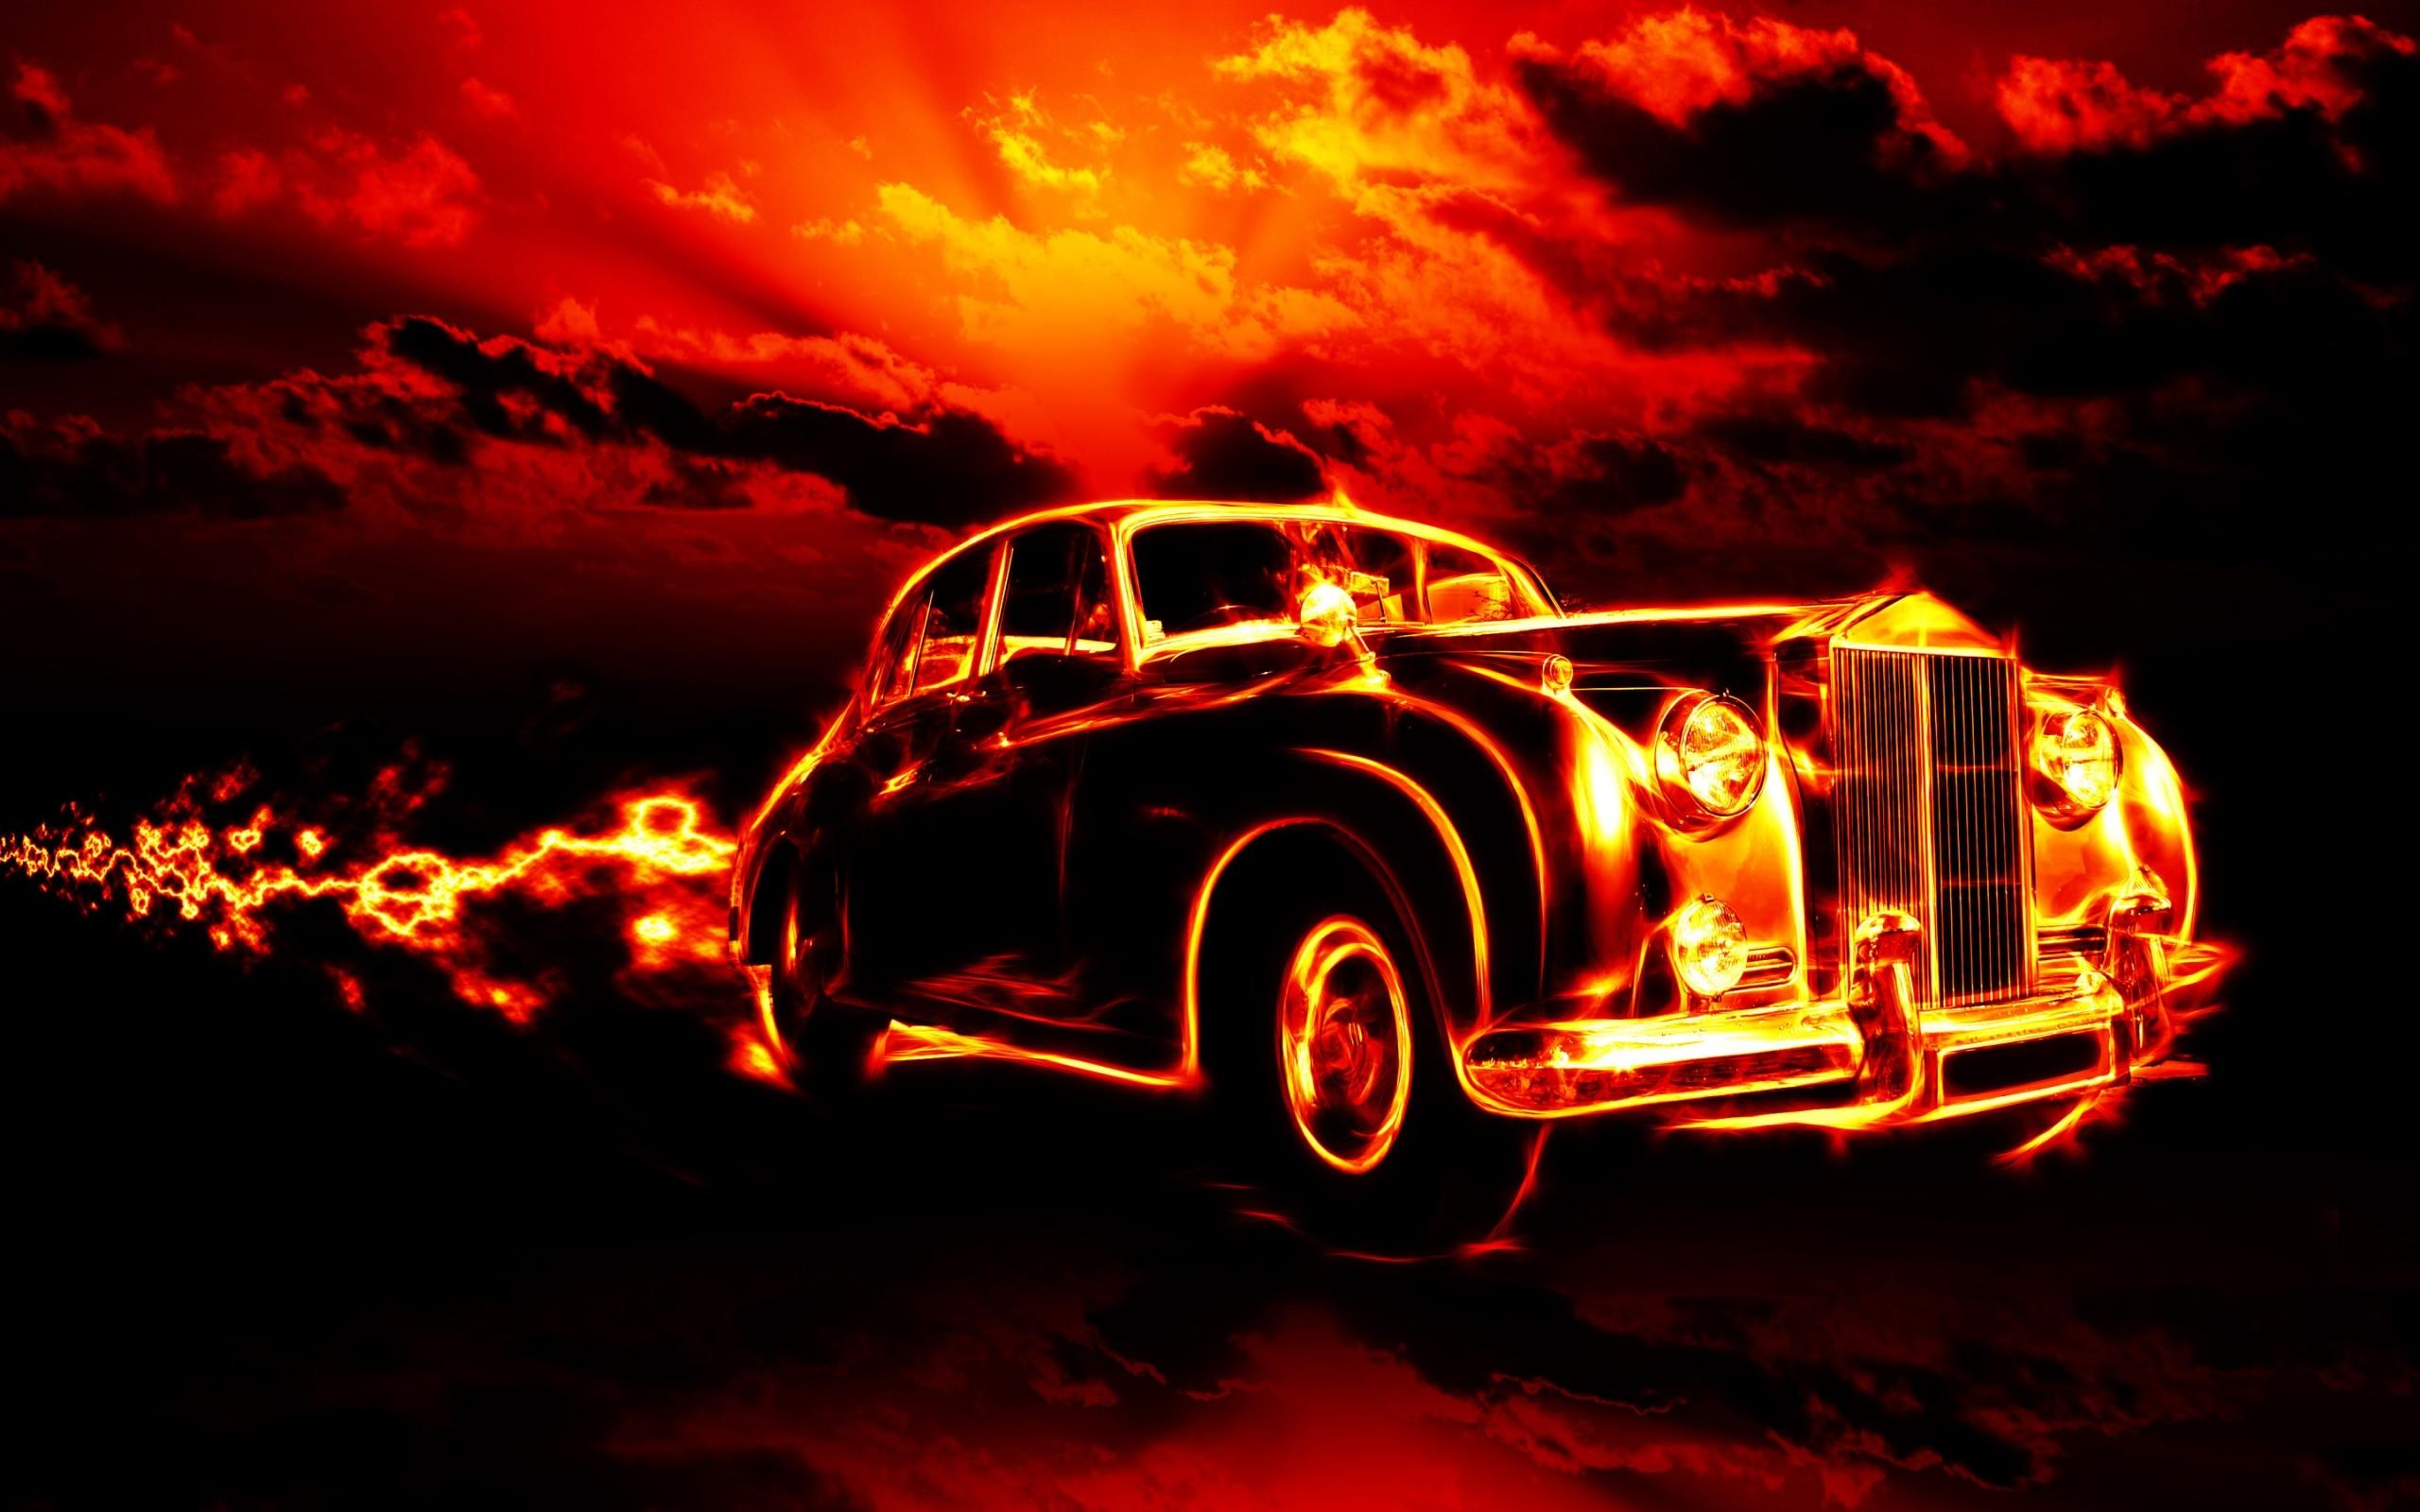 Res: 2560x1600, Fire Wallpaper 9219